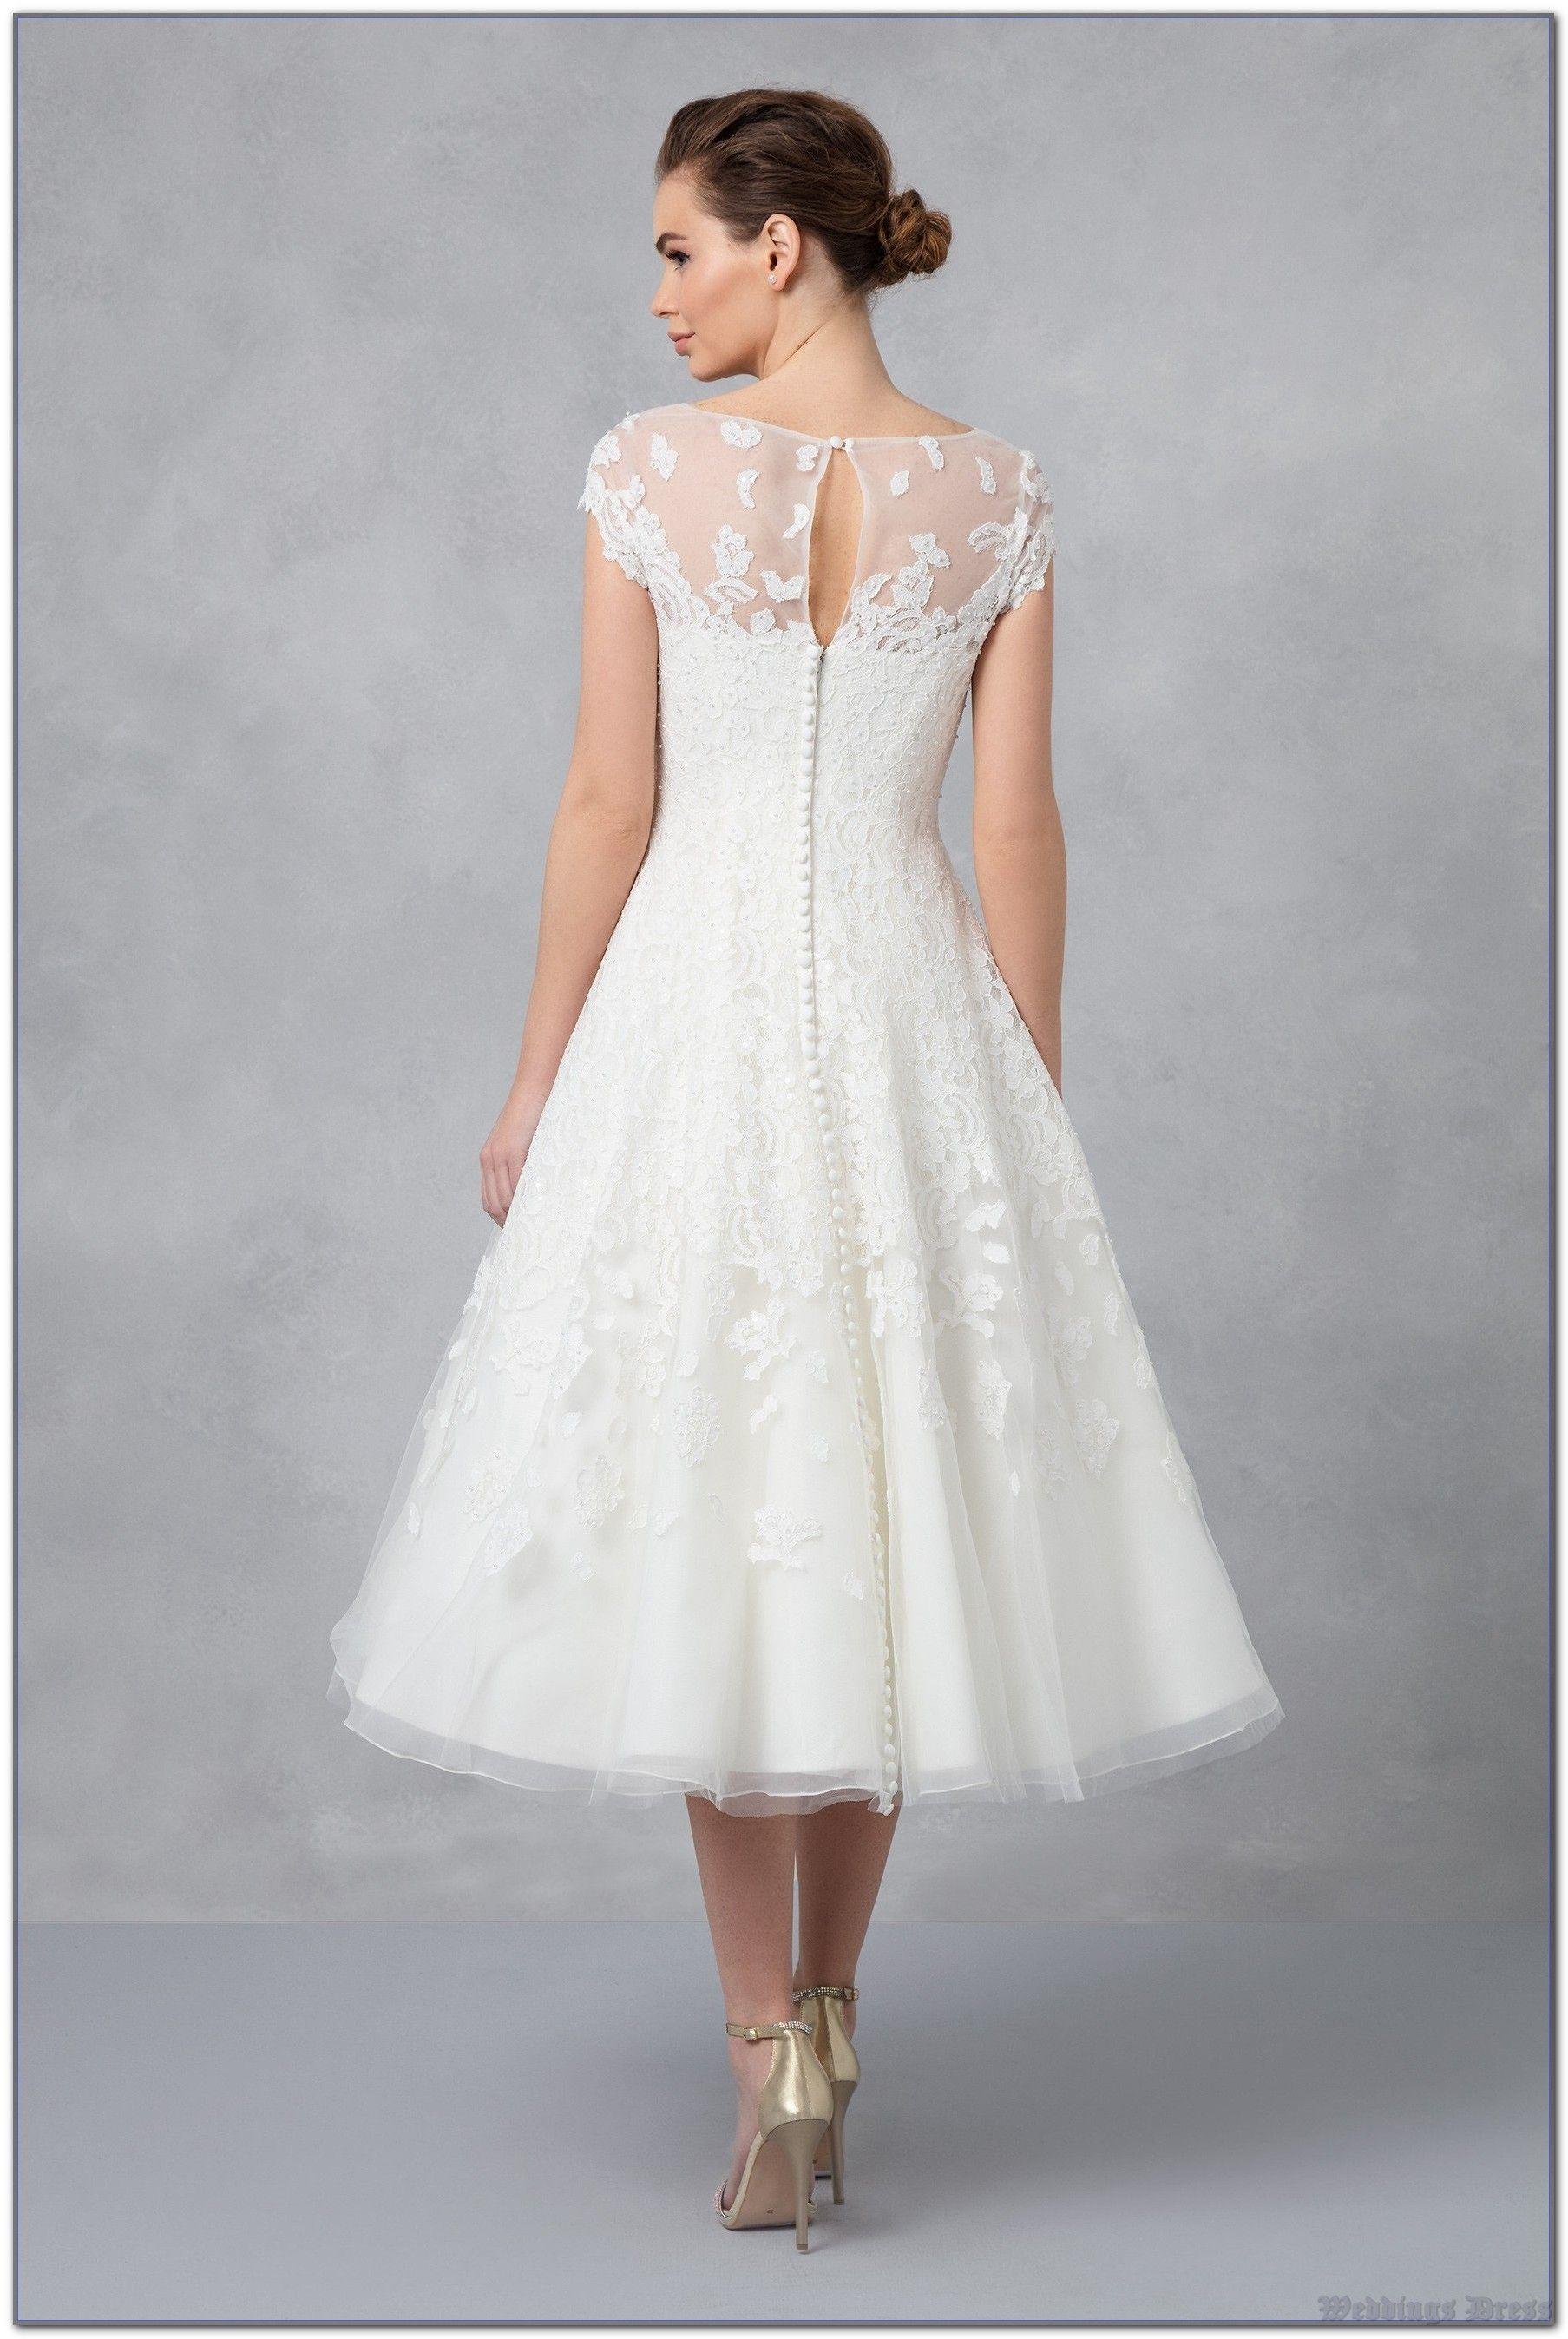 Besty Weddings Dress